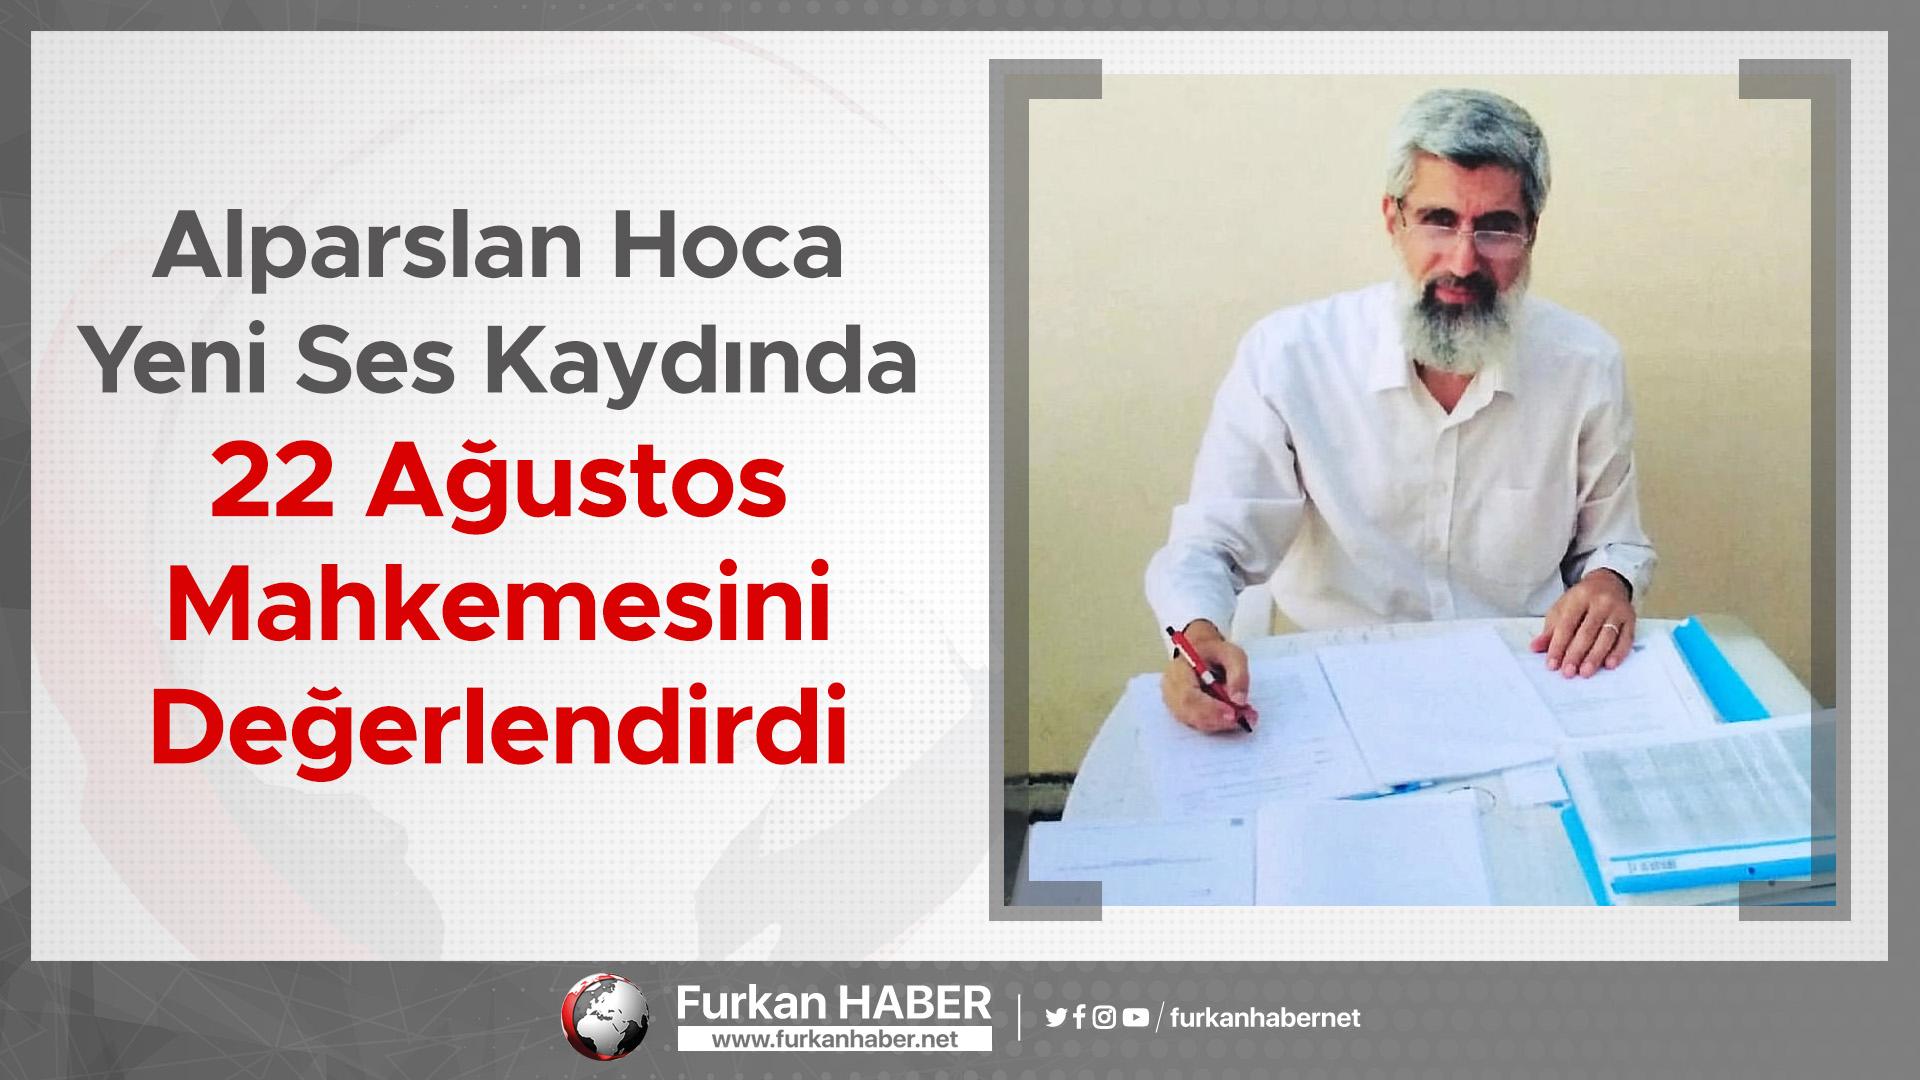 Alparslan Hoca Yeni Ses Kaydında 22 Ağustos Mahkemesini Değerlendirdi